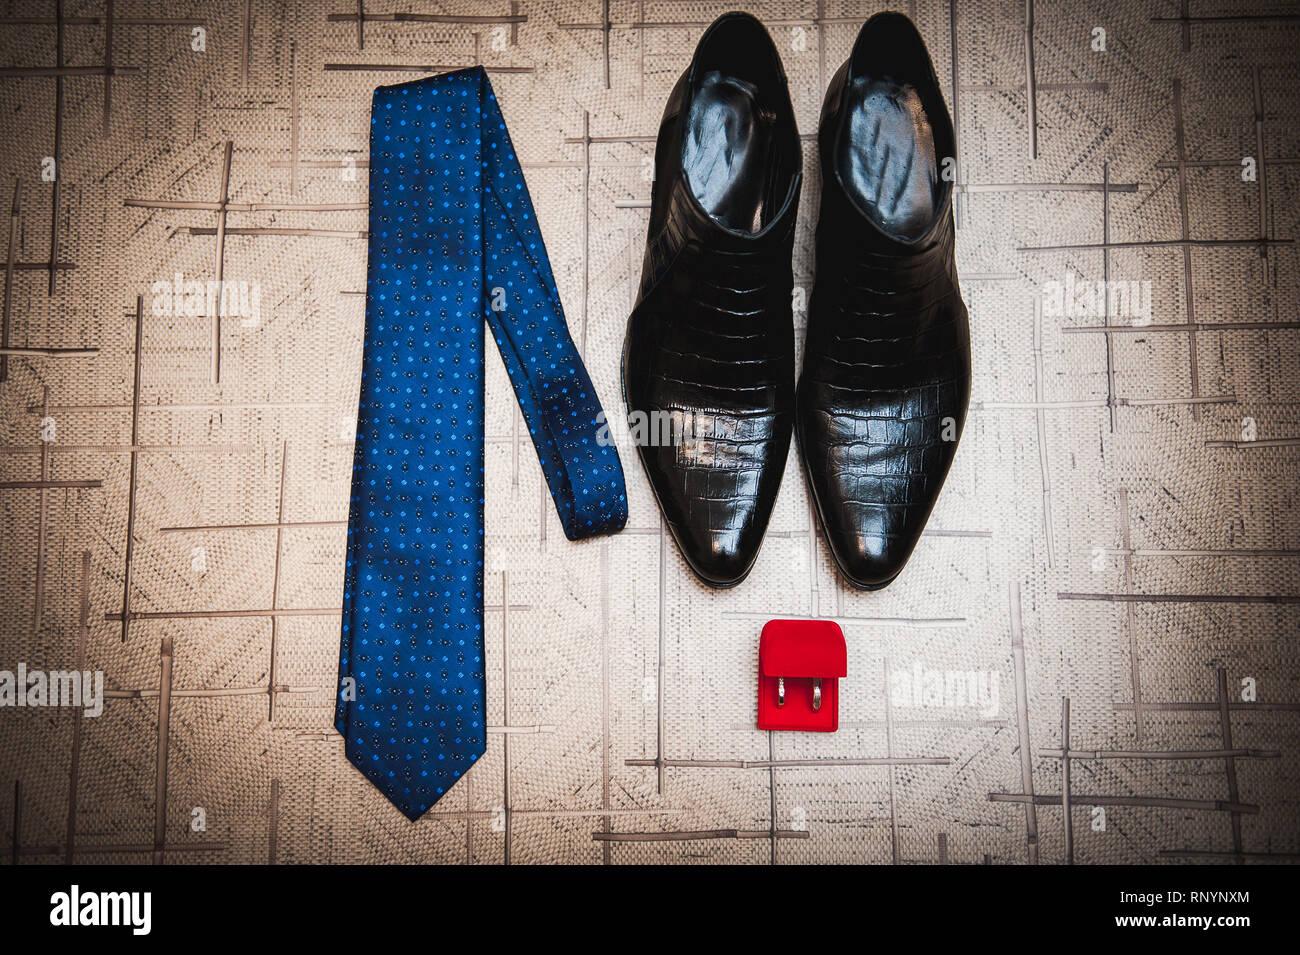 2dd148b2ba Bräutigam Accessoires. Schuhe, Riegel, Ringe in einem Hochzeitstag ...